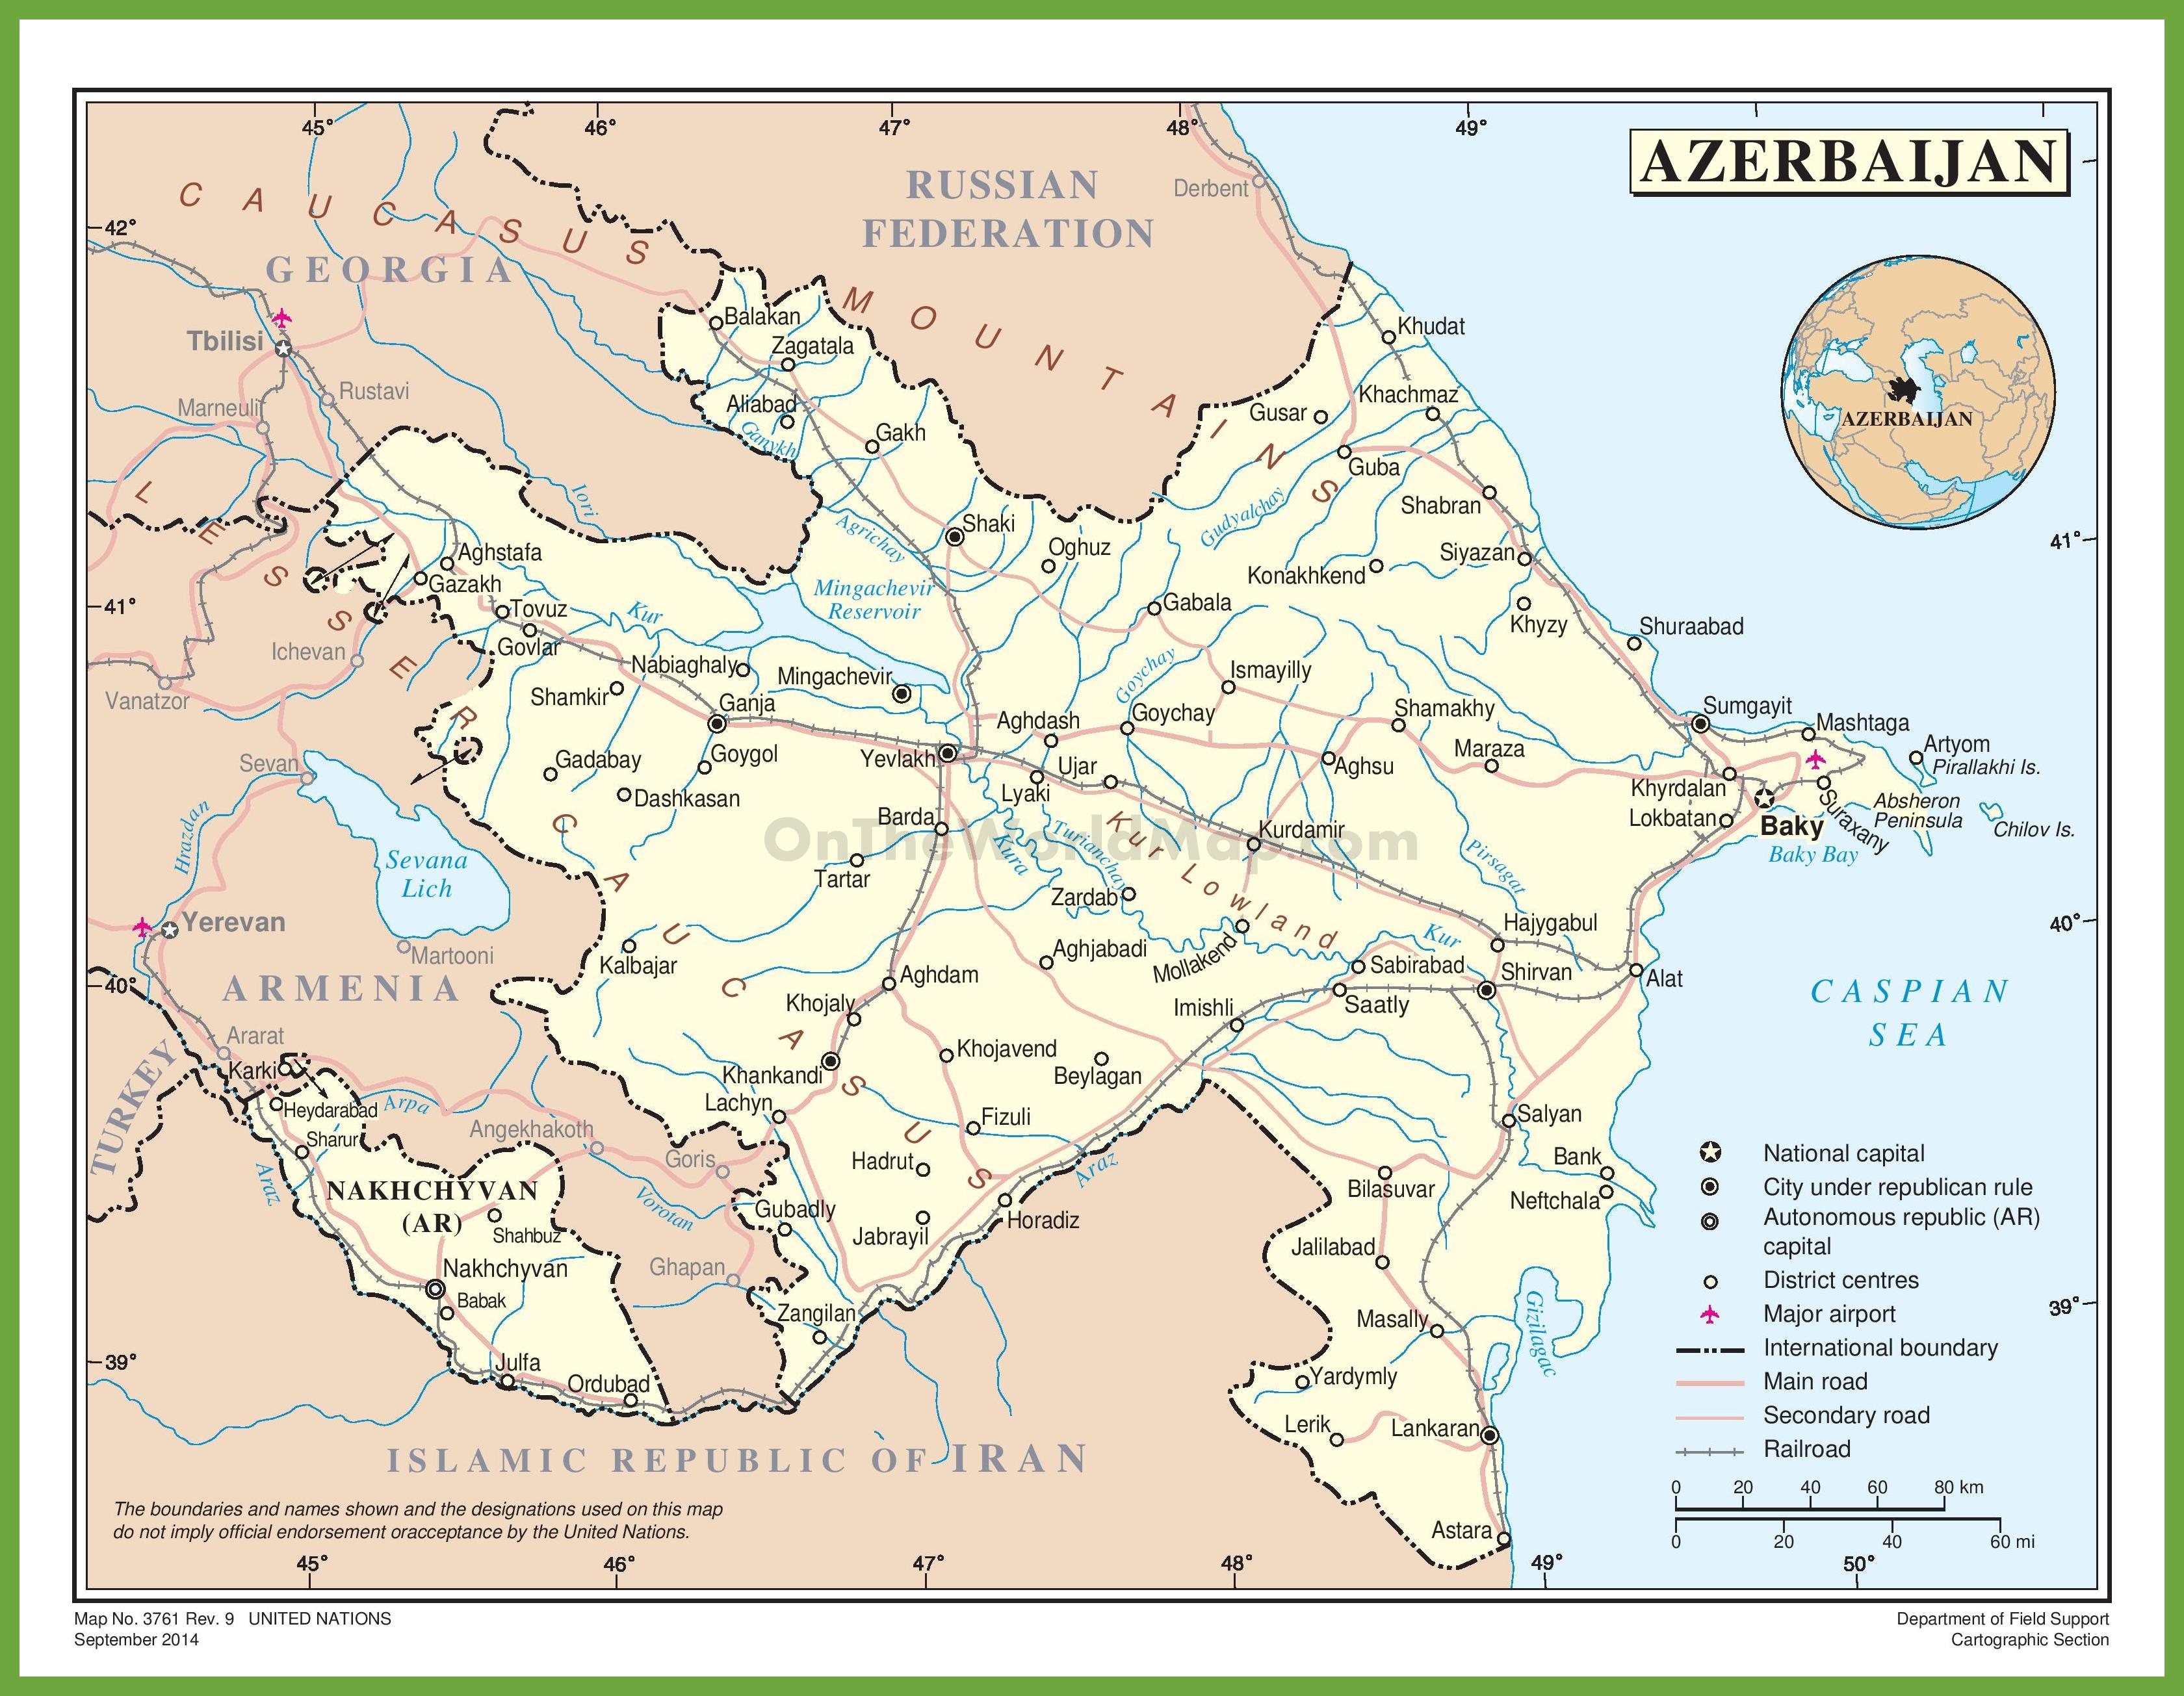 Road Map Of Azerbaijan - Azerbaijan map